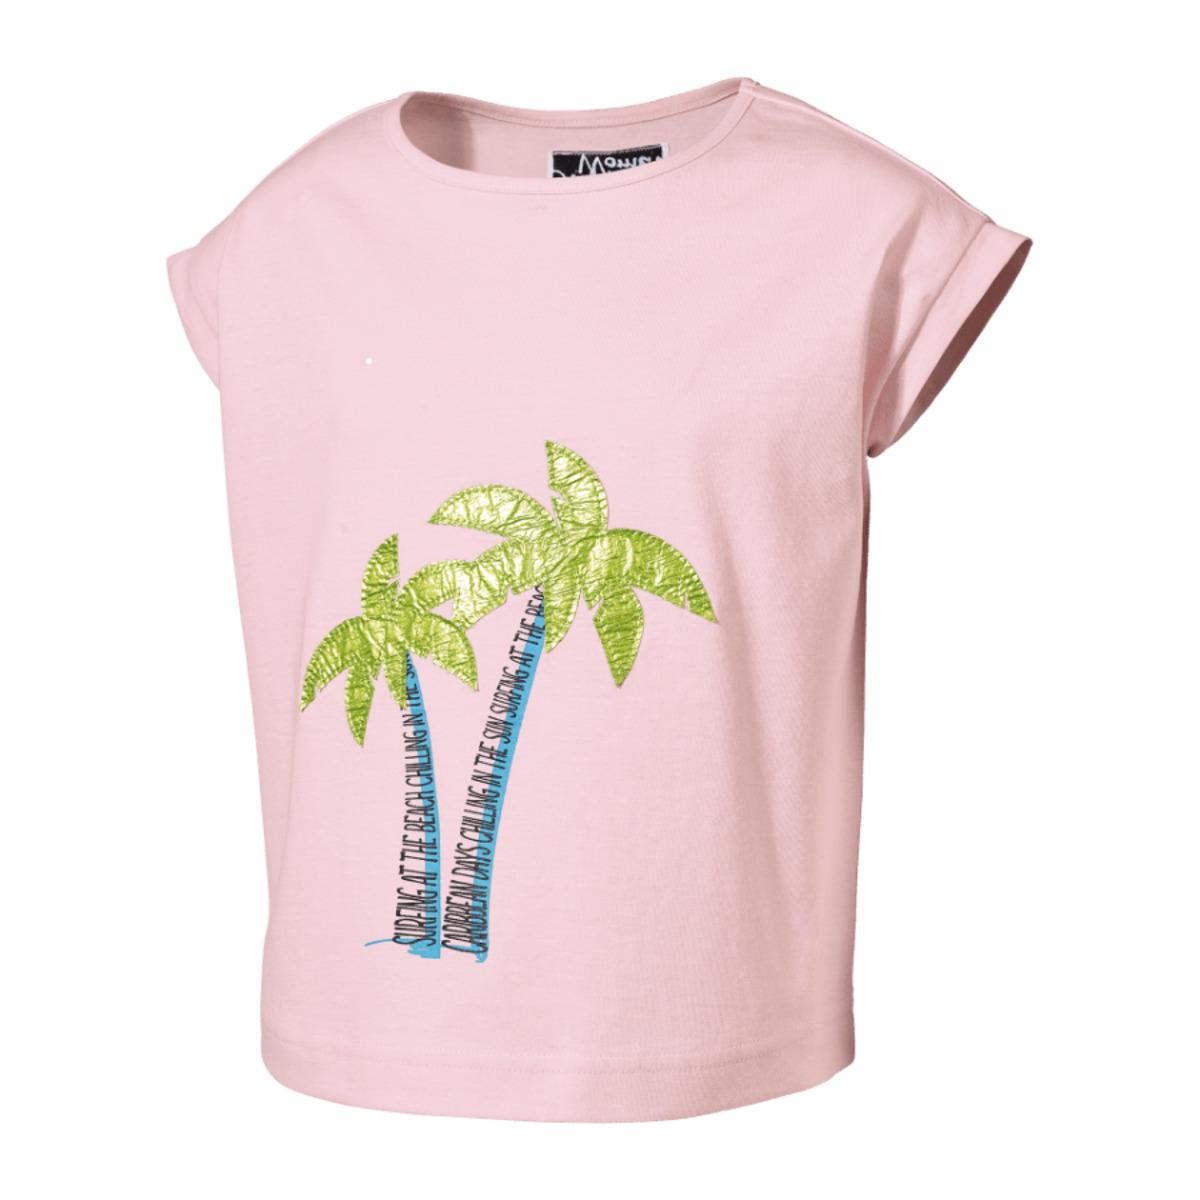 Bild 3 von POCOPIANO     T-Shirts